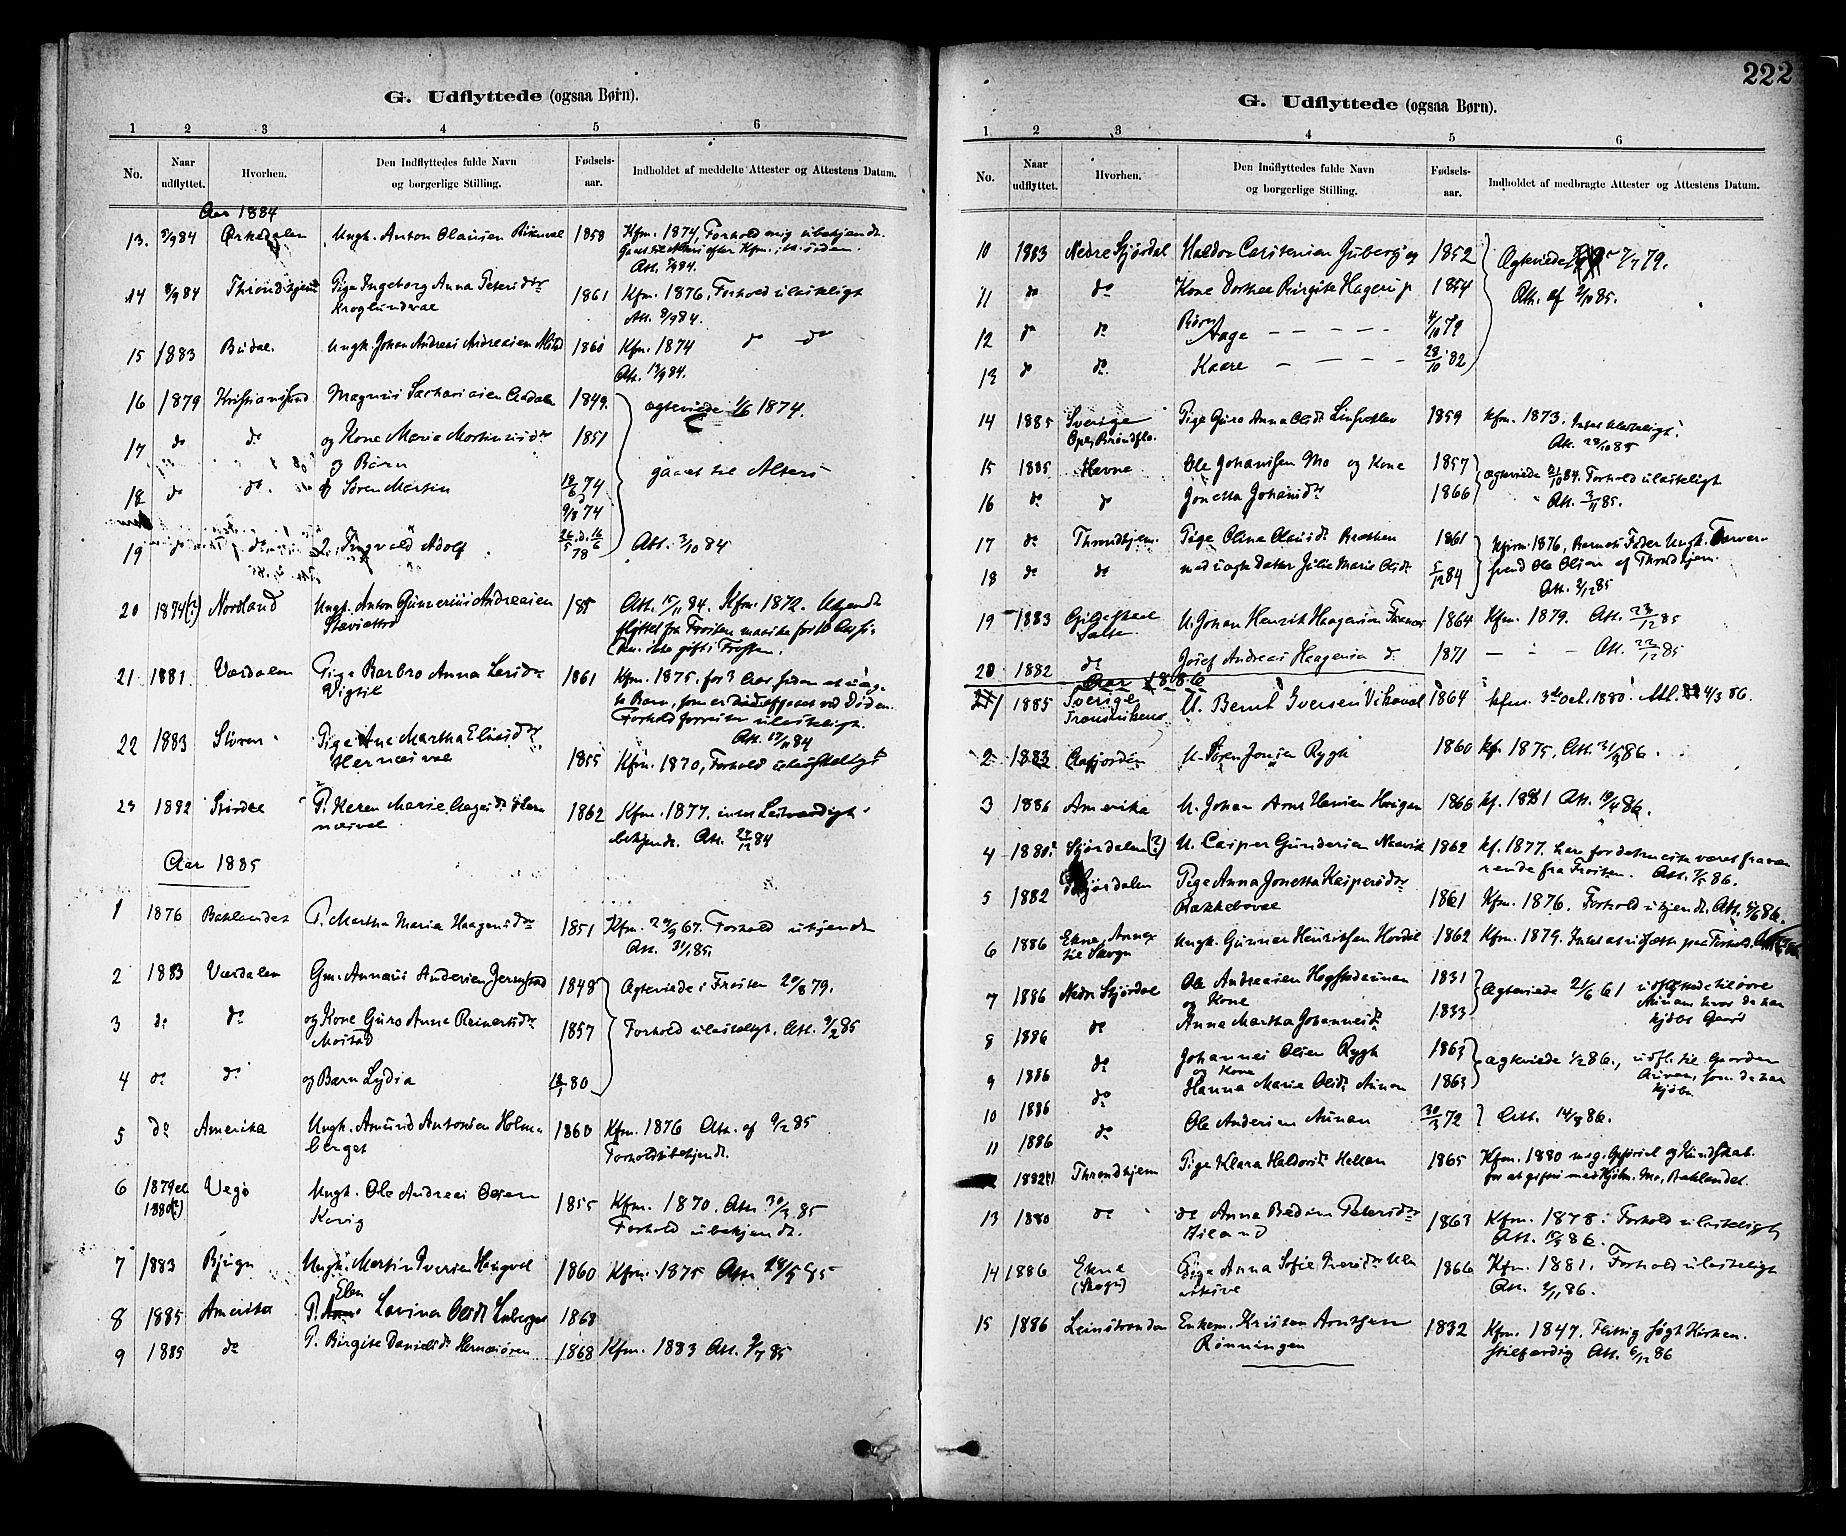 SAT, Ministerialprotokoller, klokkerbøker og fødselsregistre - Nord-Trøndelag, 713/L0120: Ministerialbok nr. 713A09, 1878-1887, s. 222